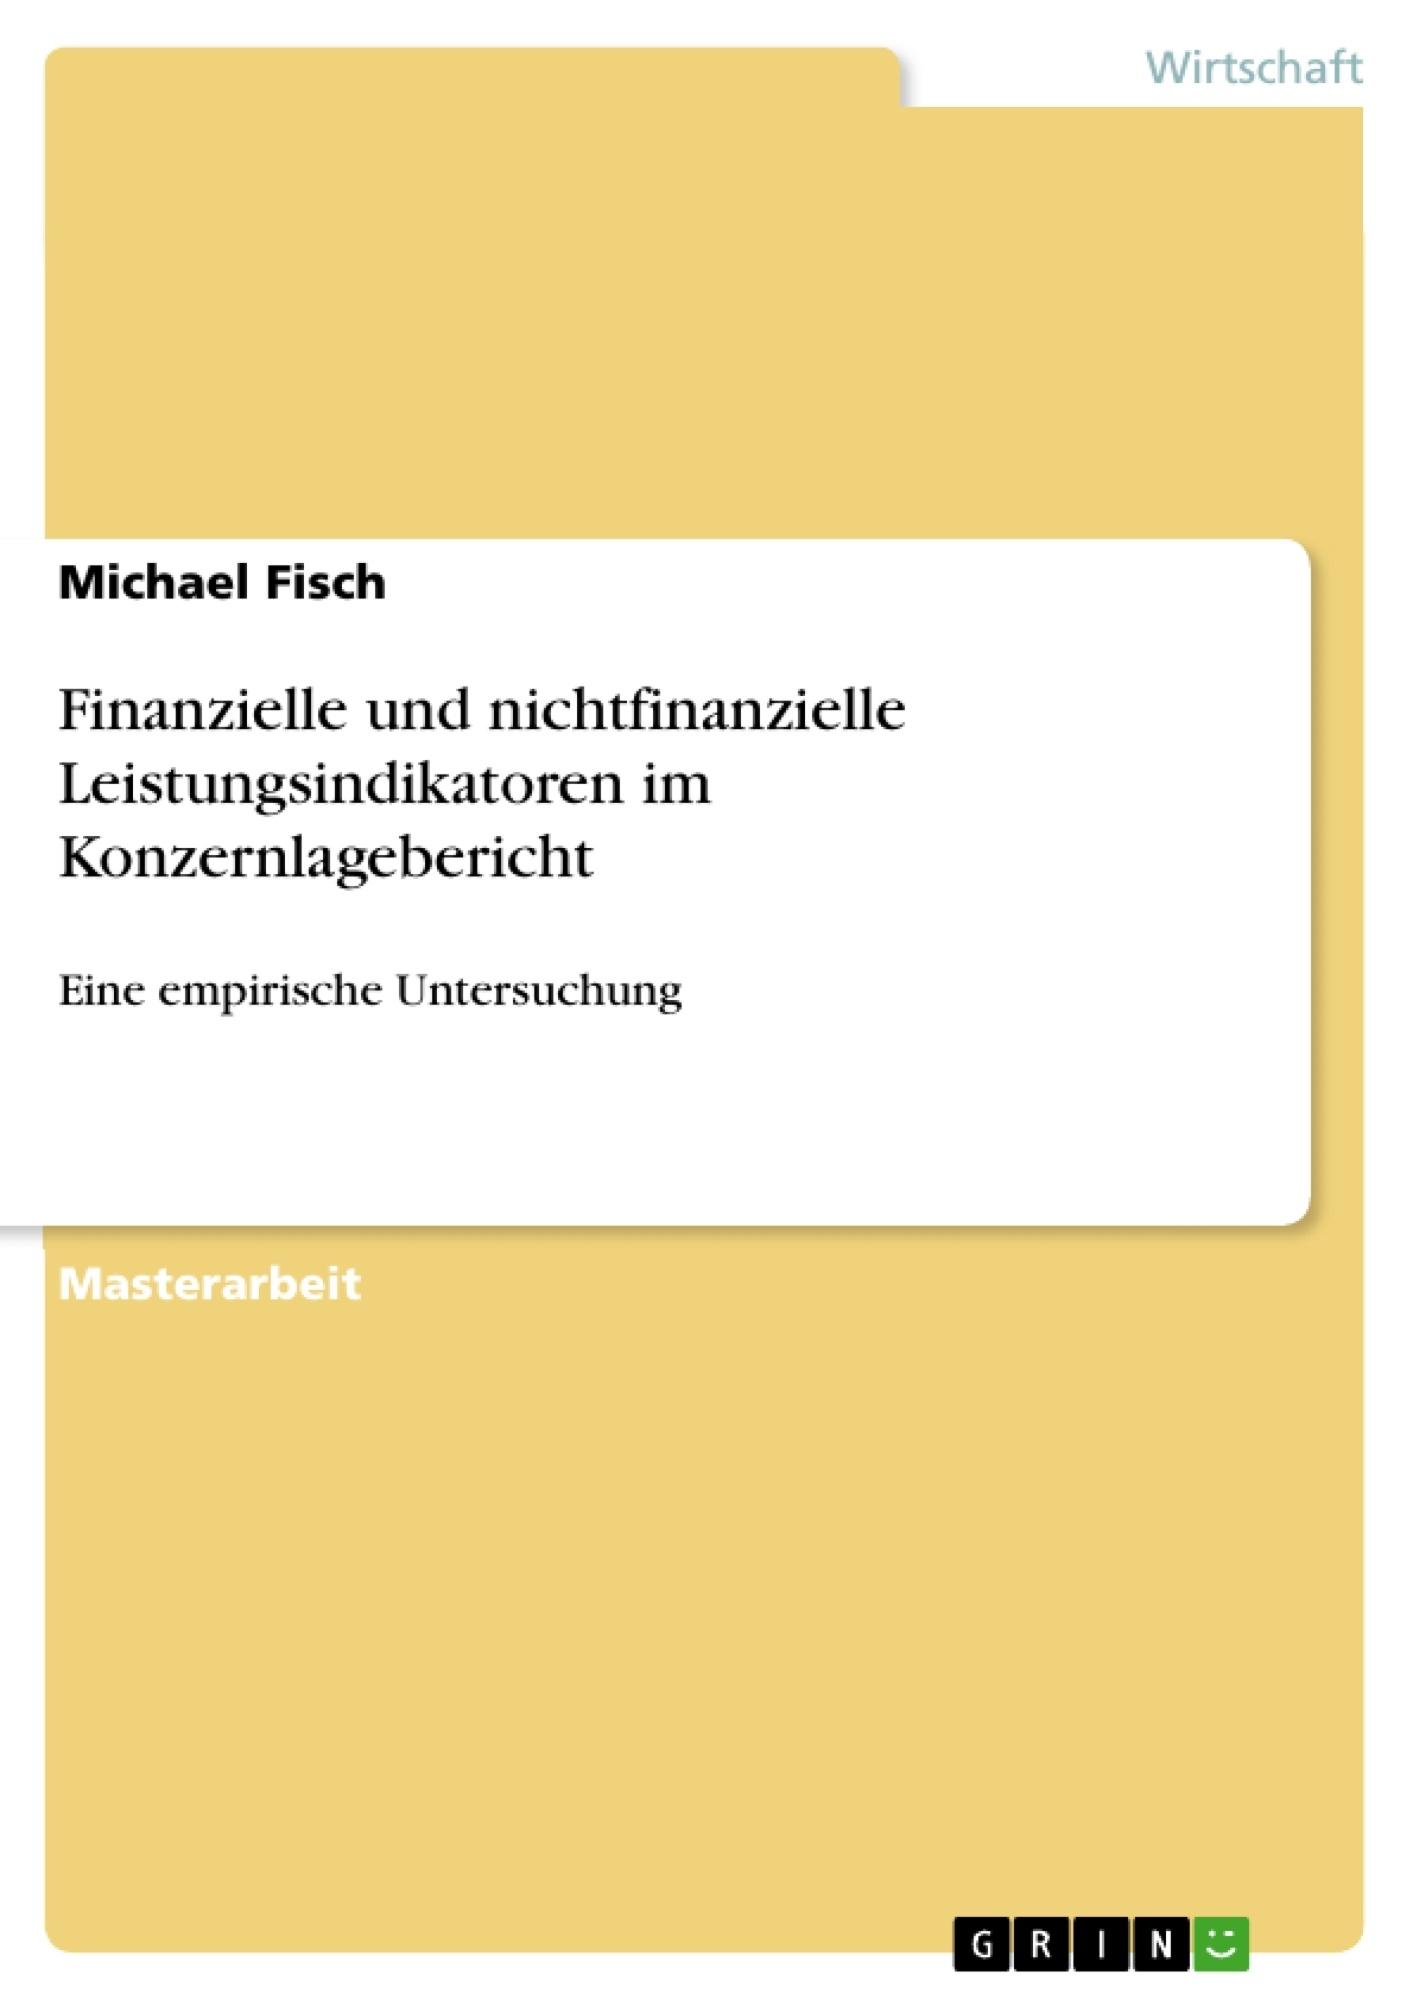 Titel: Finanzielle und nichtfinanzielle Leistungsindikatoren im Konzernlagebericht